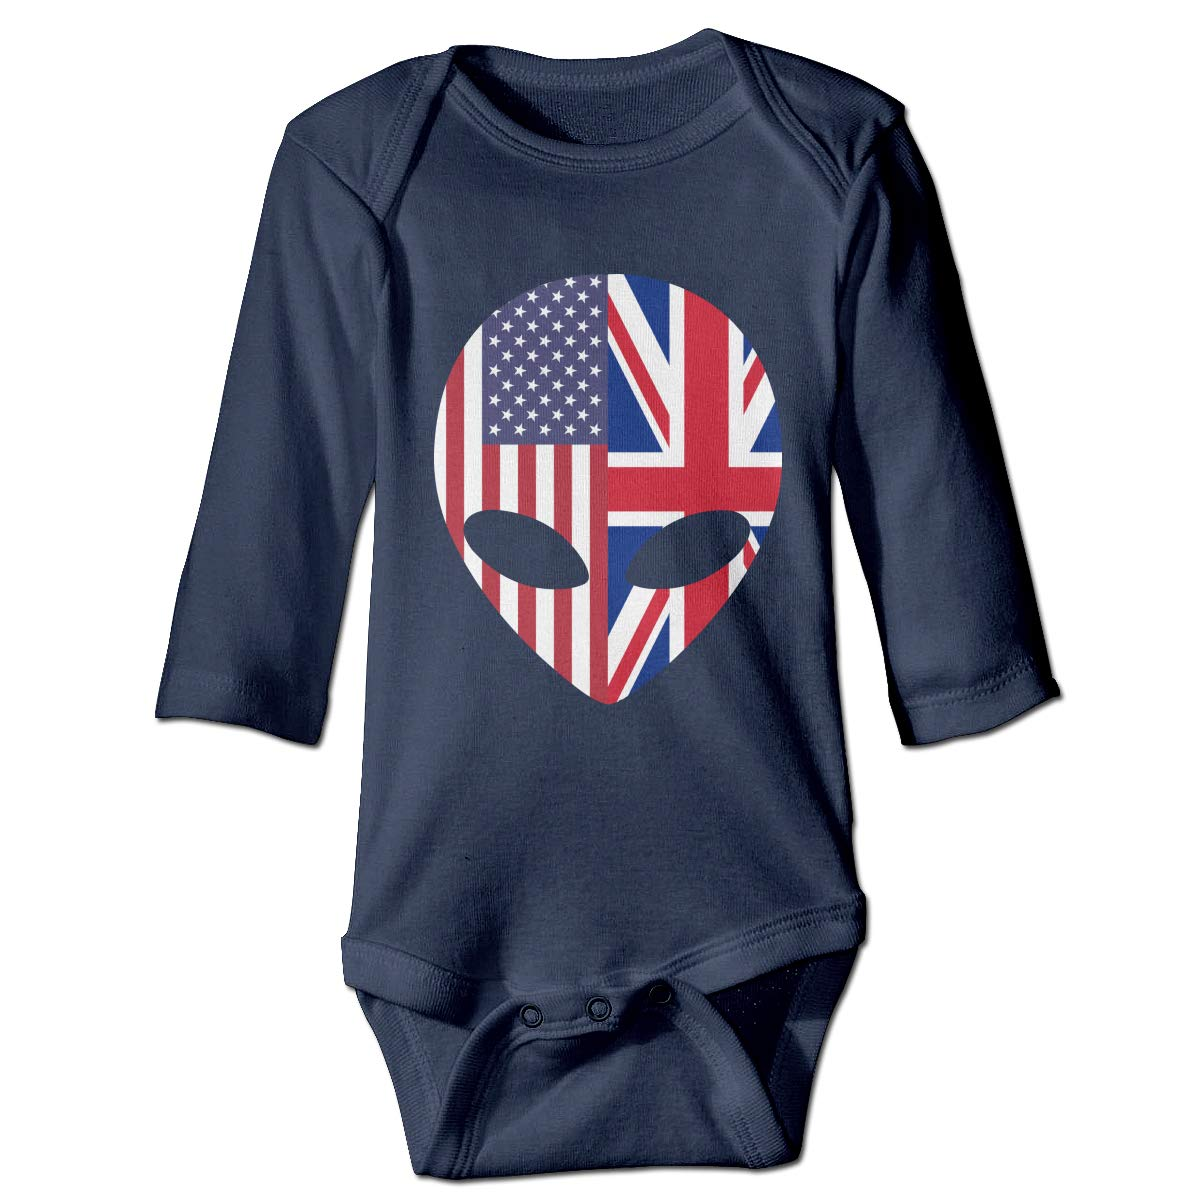 Q98BABY Infant Babys Long Sleeve Jumpsuit Romper Alien American British Flag Print Jumpsuit